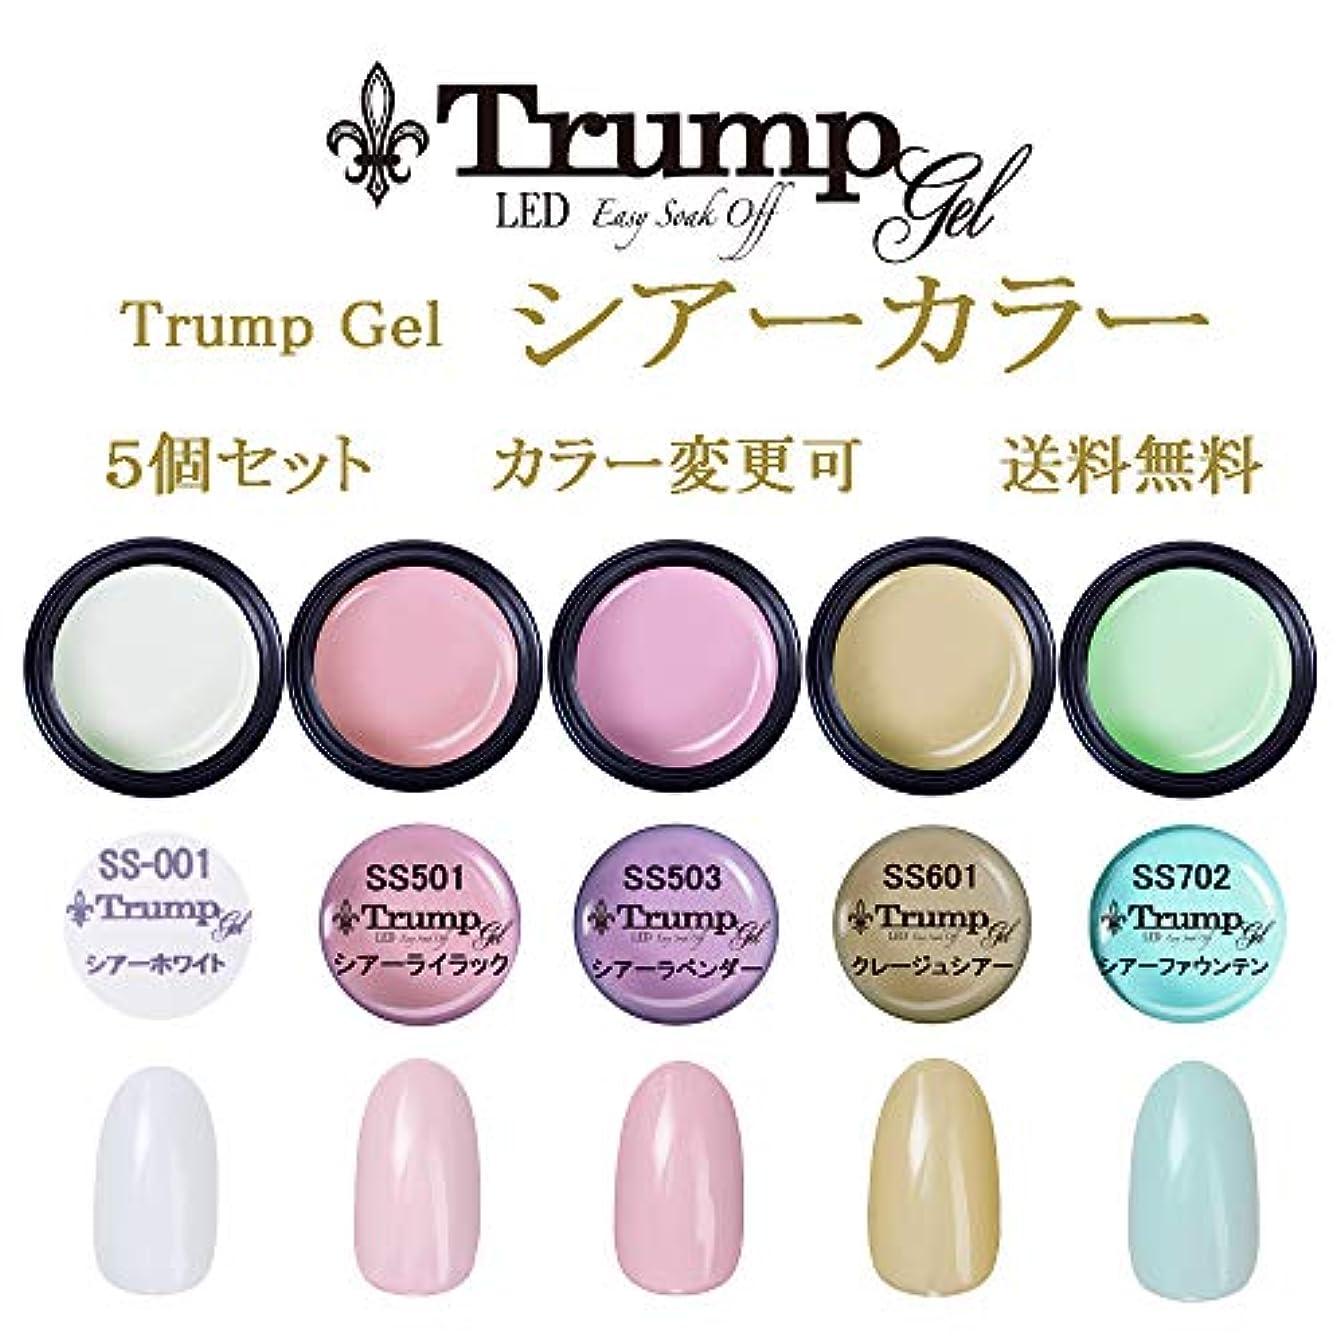 日本製 Trump gel トランプジェル シアー カラージェル 選べる 5個セット ホワイト ピンク パープル イエロー ブルー